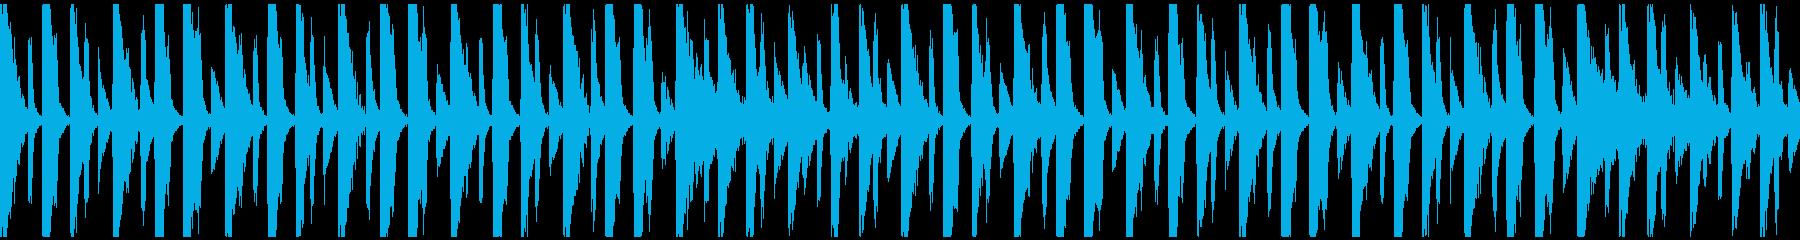 【ループ】レース3位以下のリザルトBGMの再生済みの波形